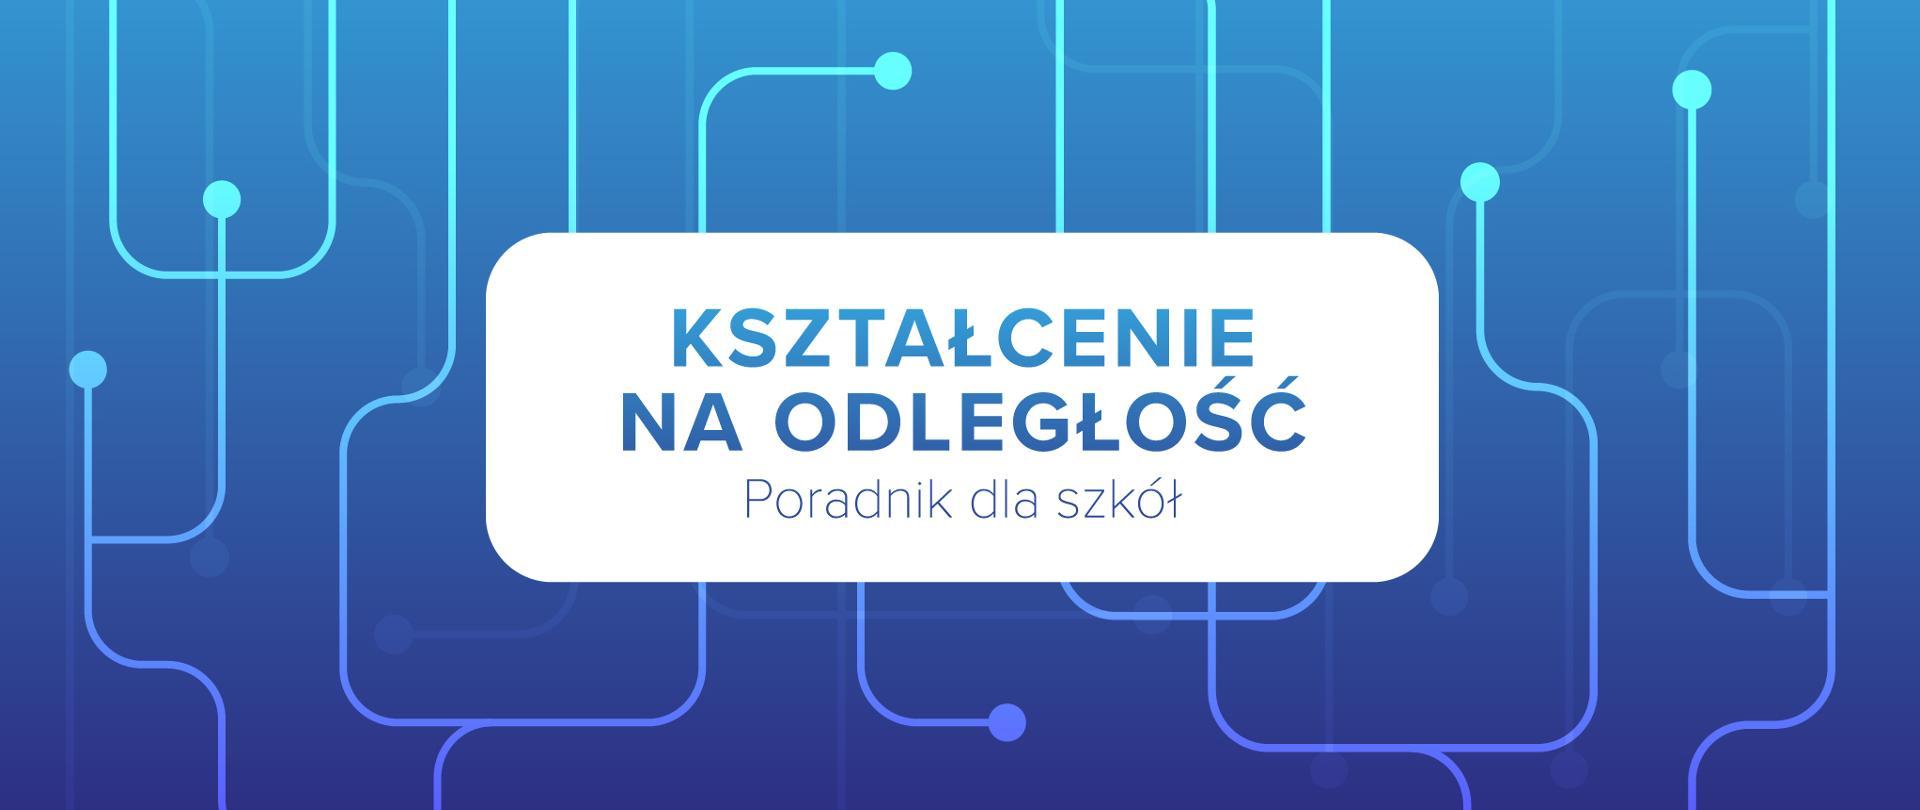 Niebieska grafika z tekstem na białym tle: Kształcenie na odległość – poradnik dla szkół